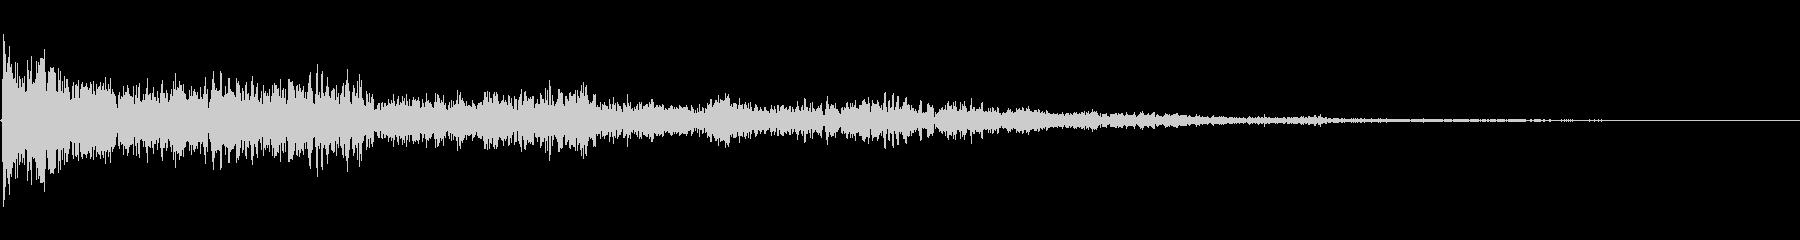 ディープエリードラムインパクトの未再生の波形